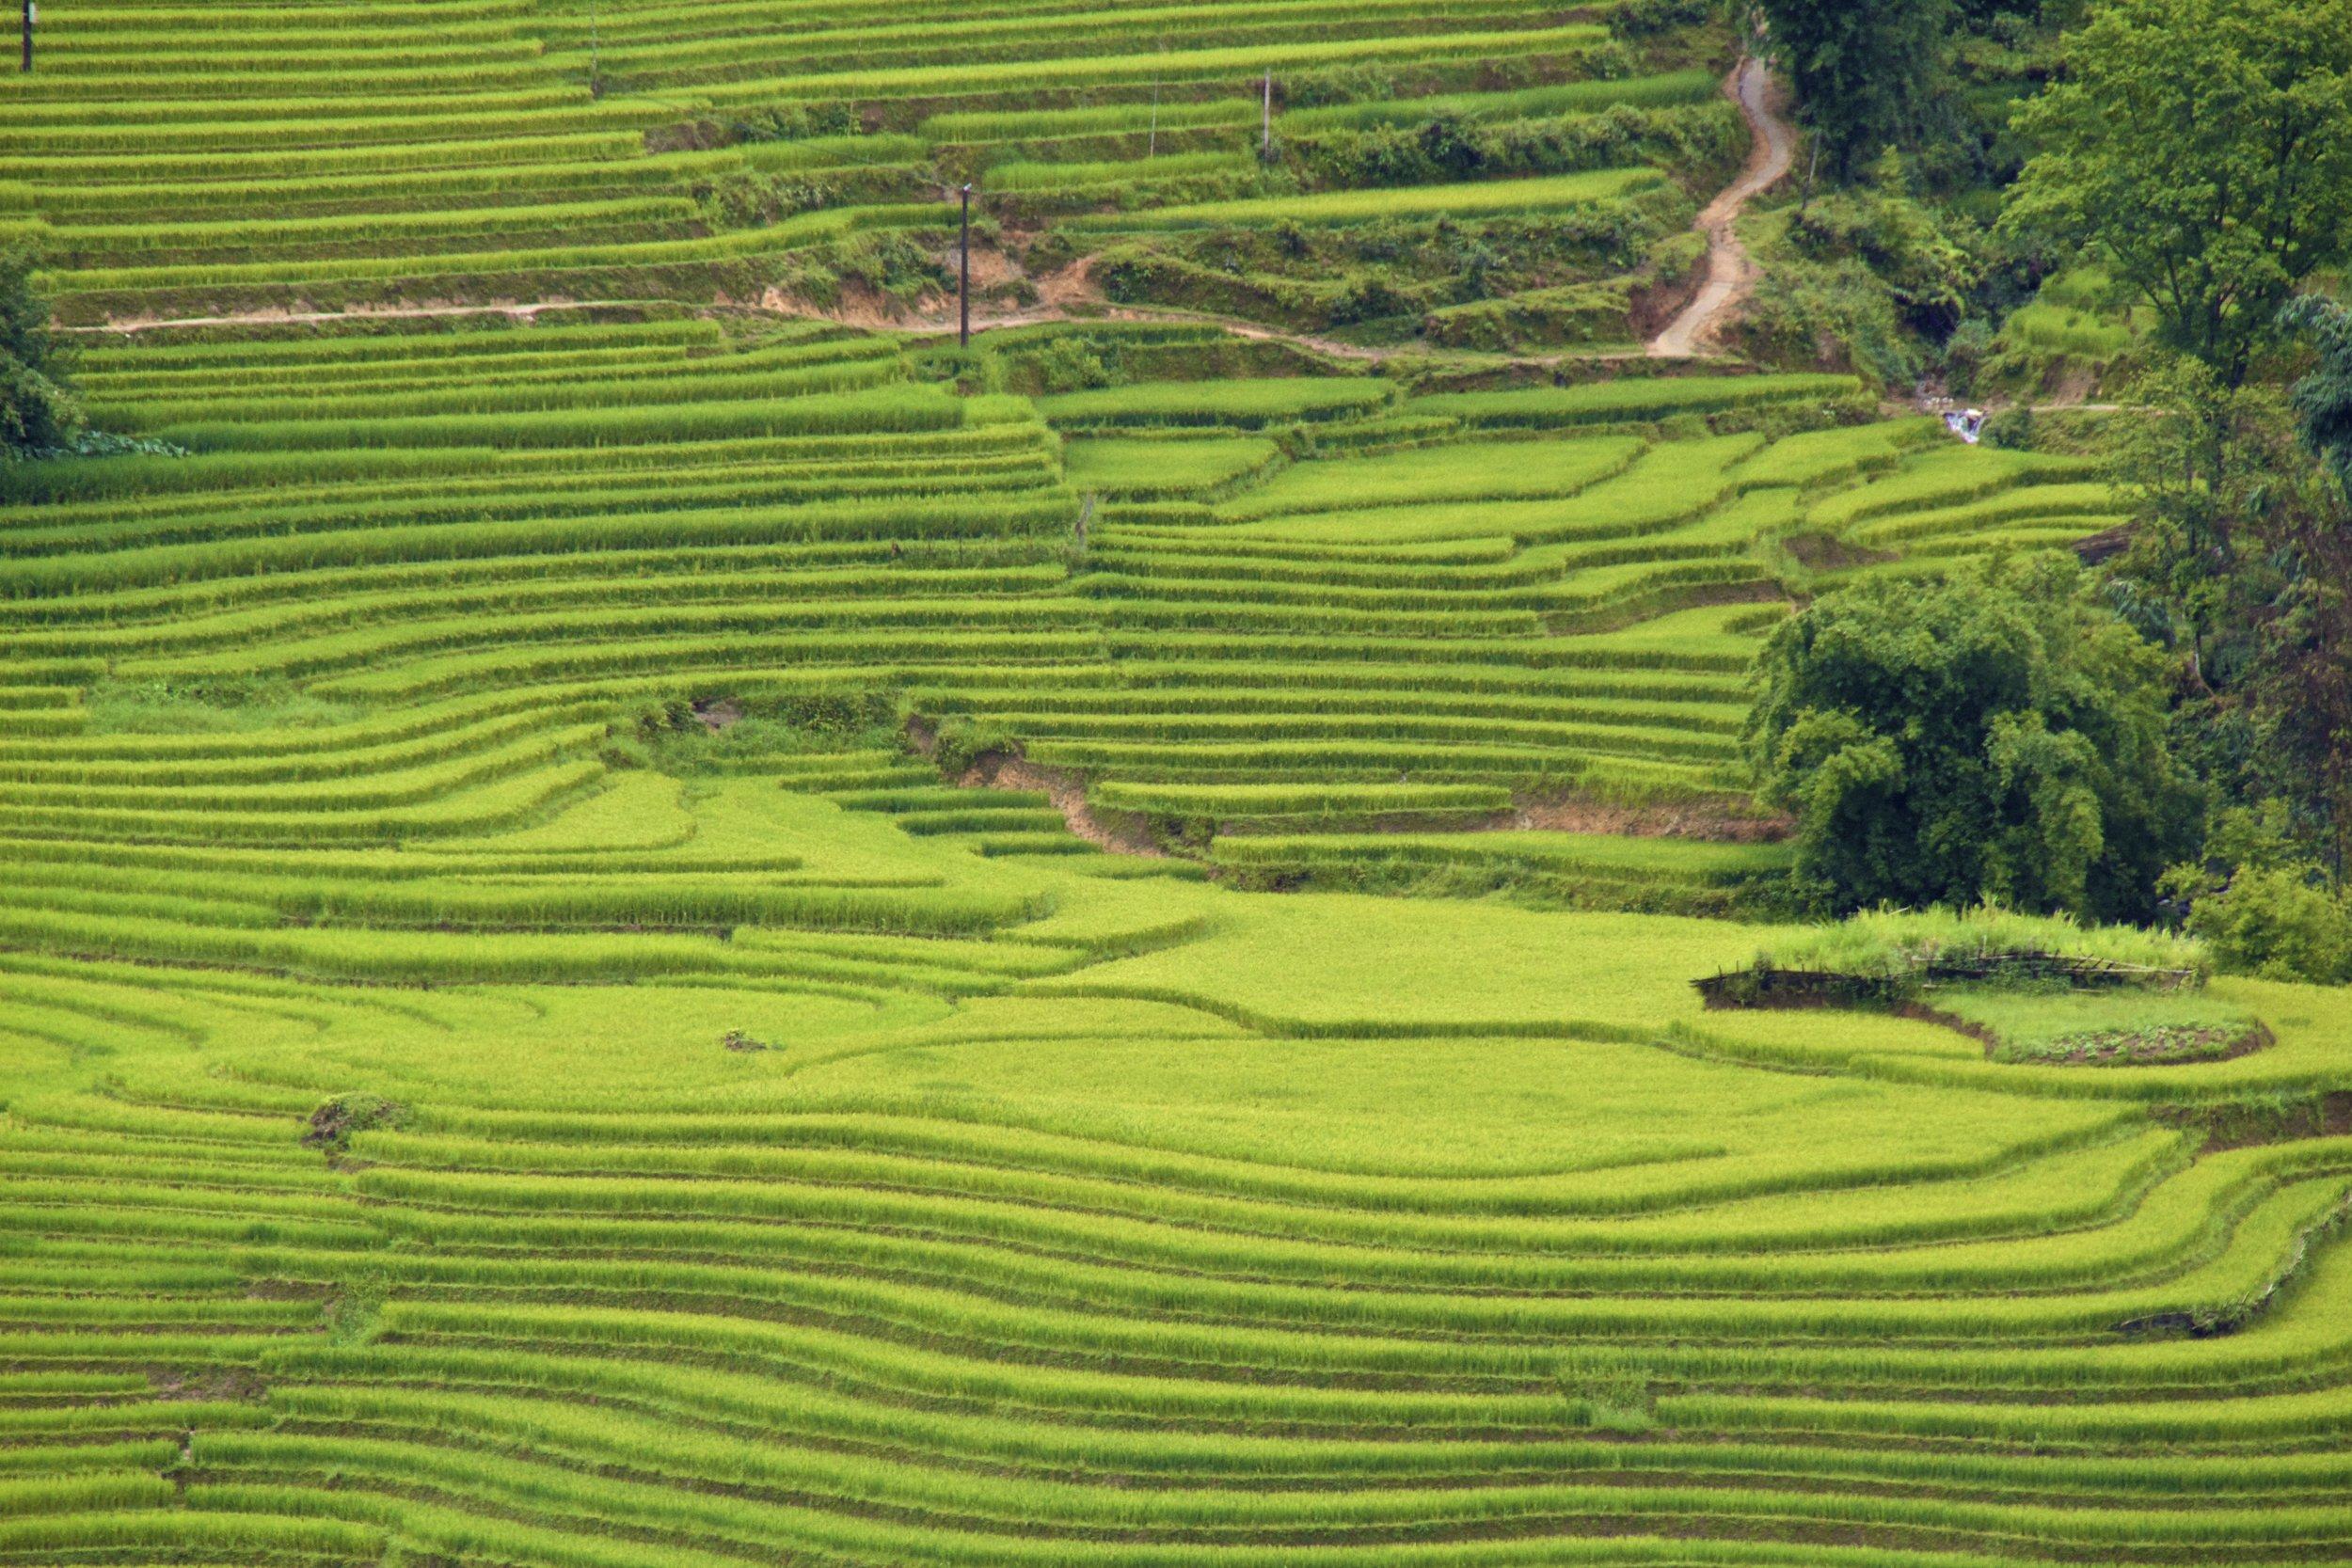 sa pa lao cai vietnam rice paddies 24.jpg